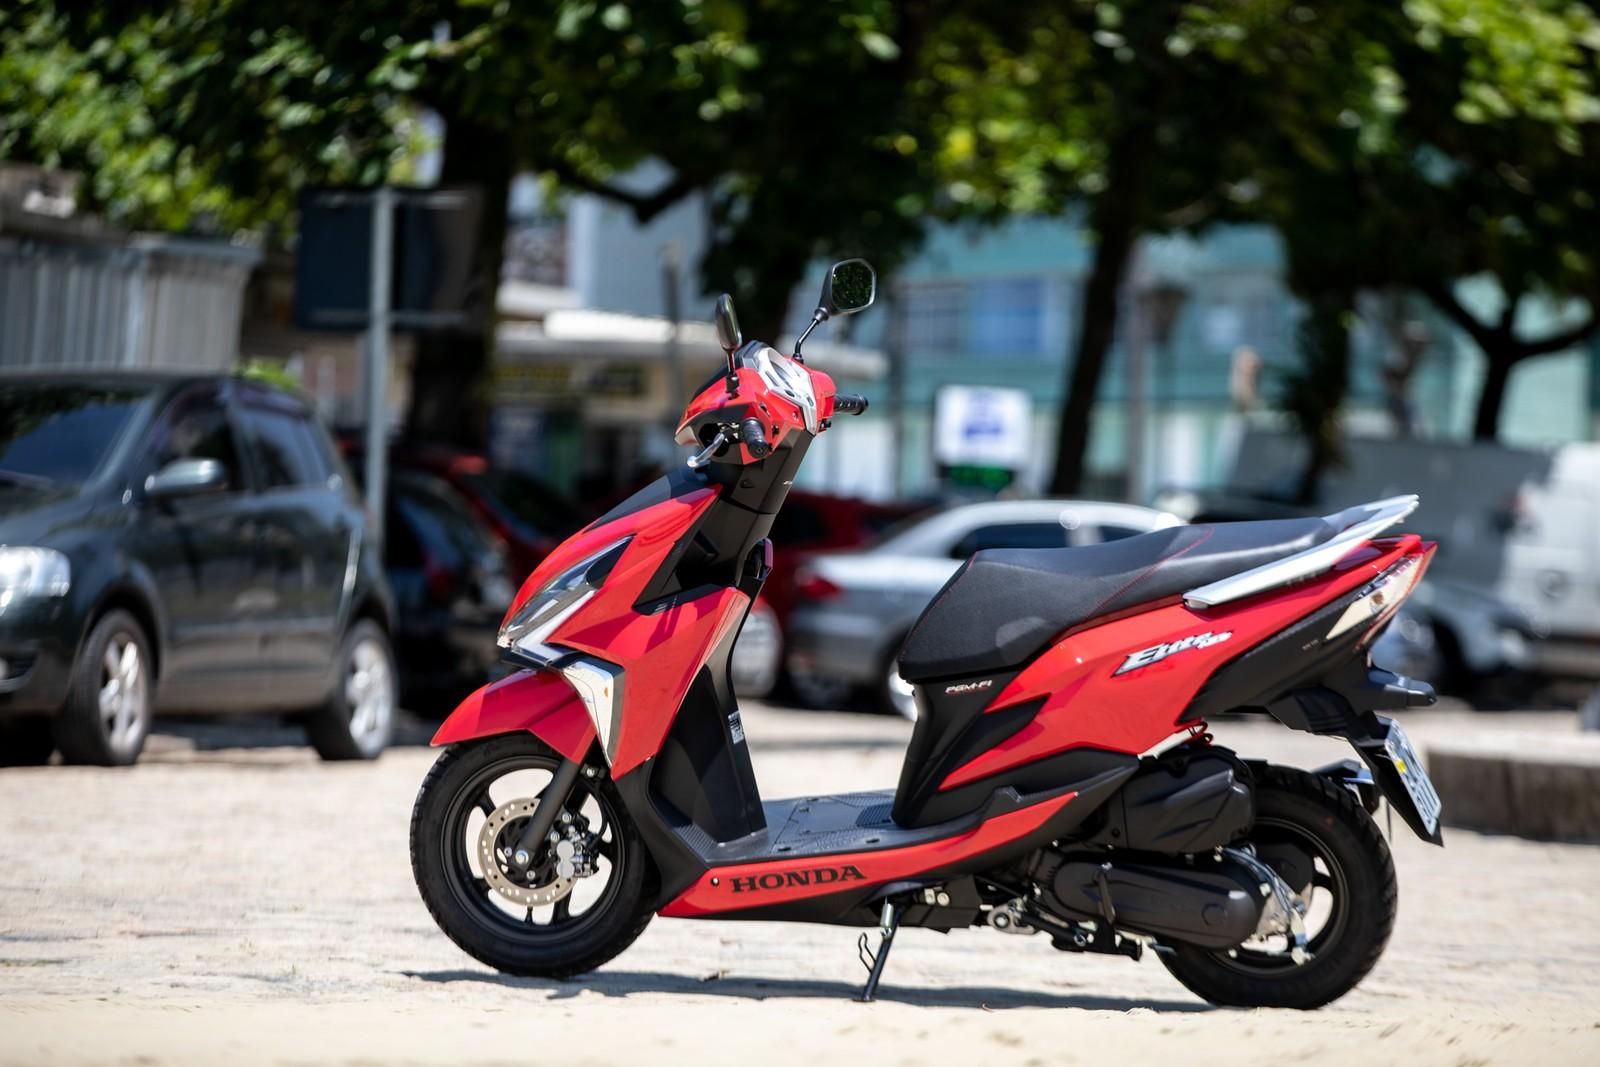 d9fa4501456 Fonte e matéria completa em   https   g1.globo.com carros noticia 2019 02 04 honda-elite-125-veja-fotos-do- novo-scooter-de-entrada-da-marca.ghtml